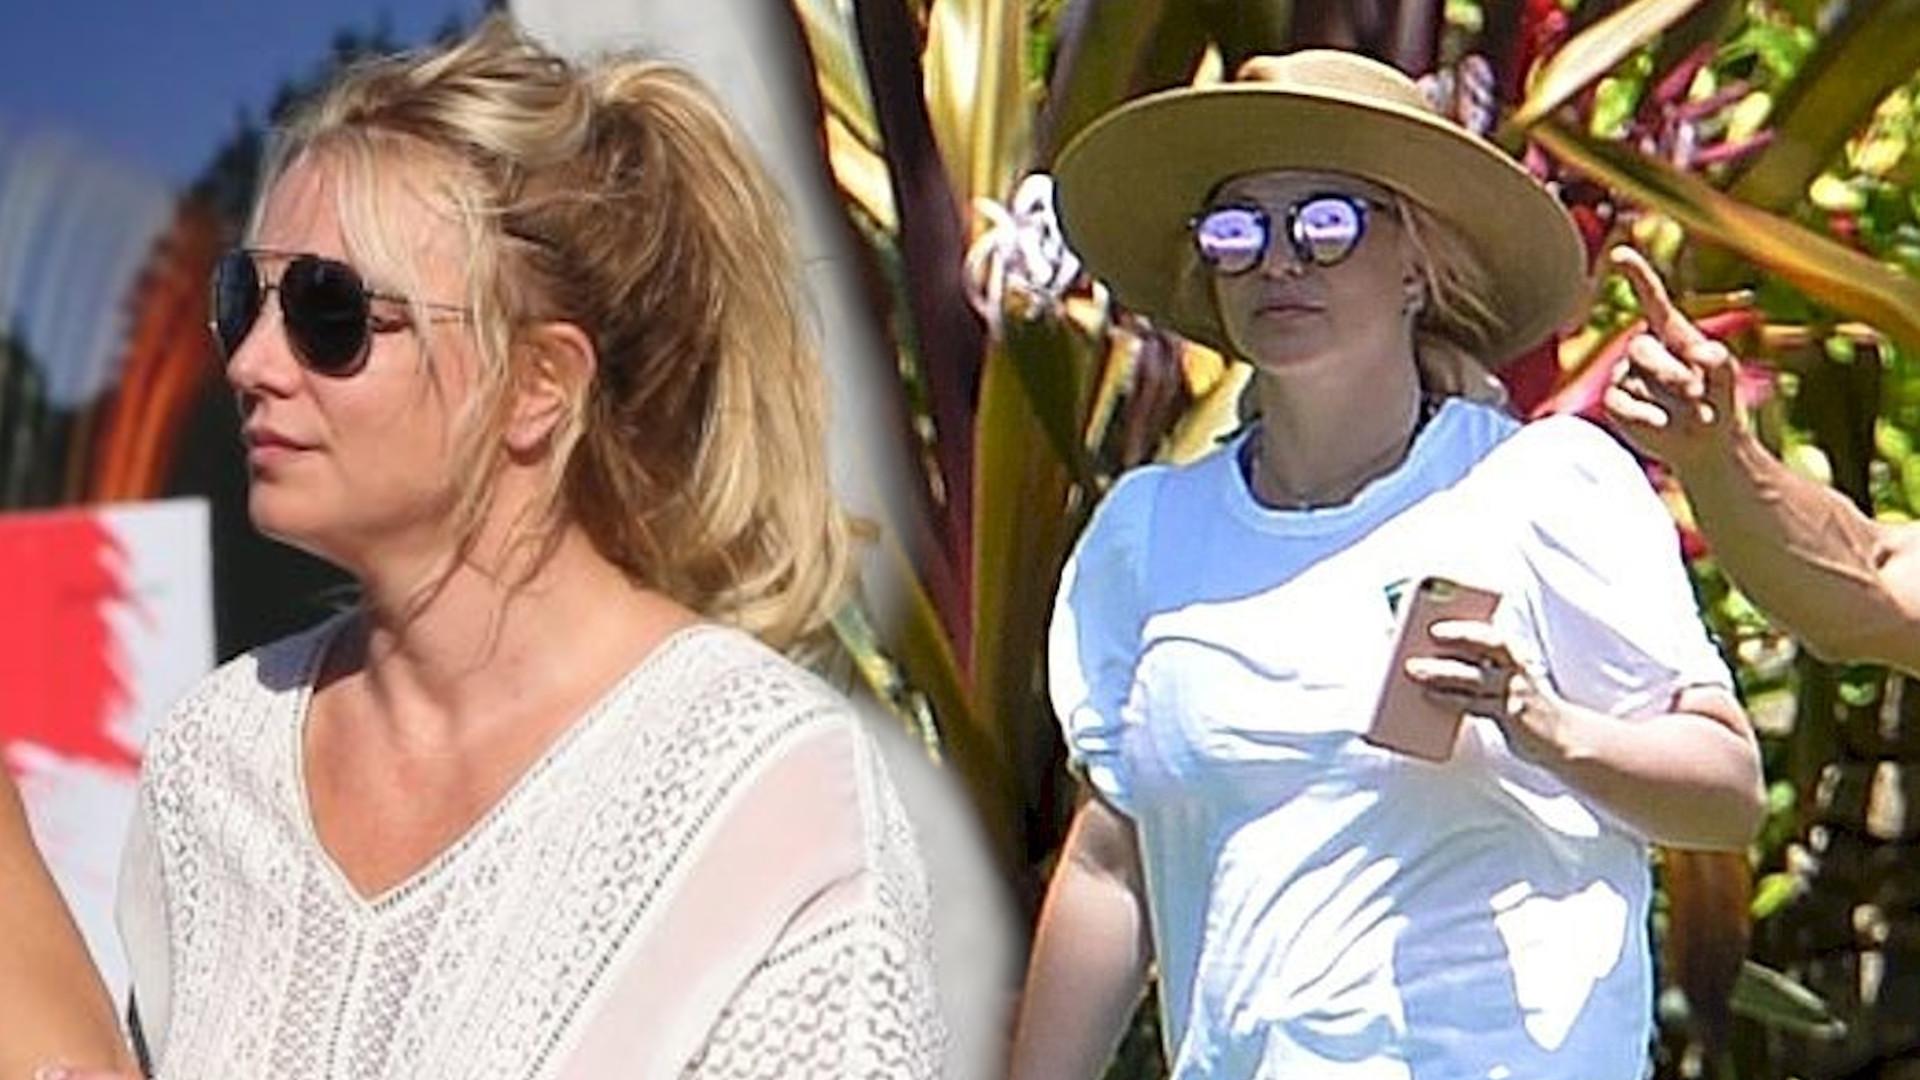 Adwokat Britney Spears zaczął działać w sądzie! Wniósł wniosek o odsunięcie Jamiego Spearsa